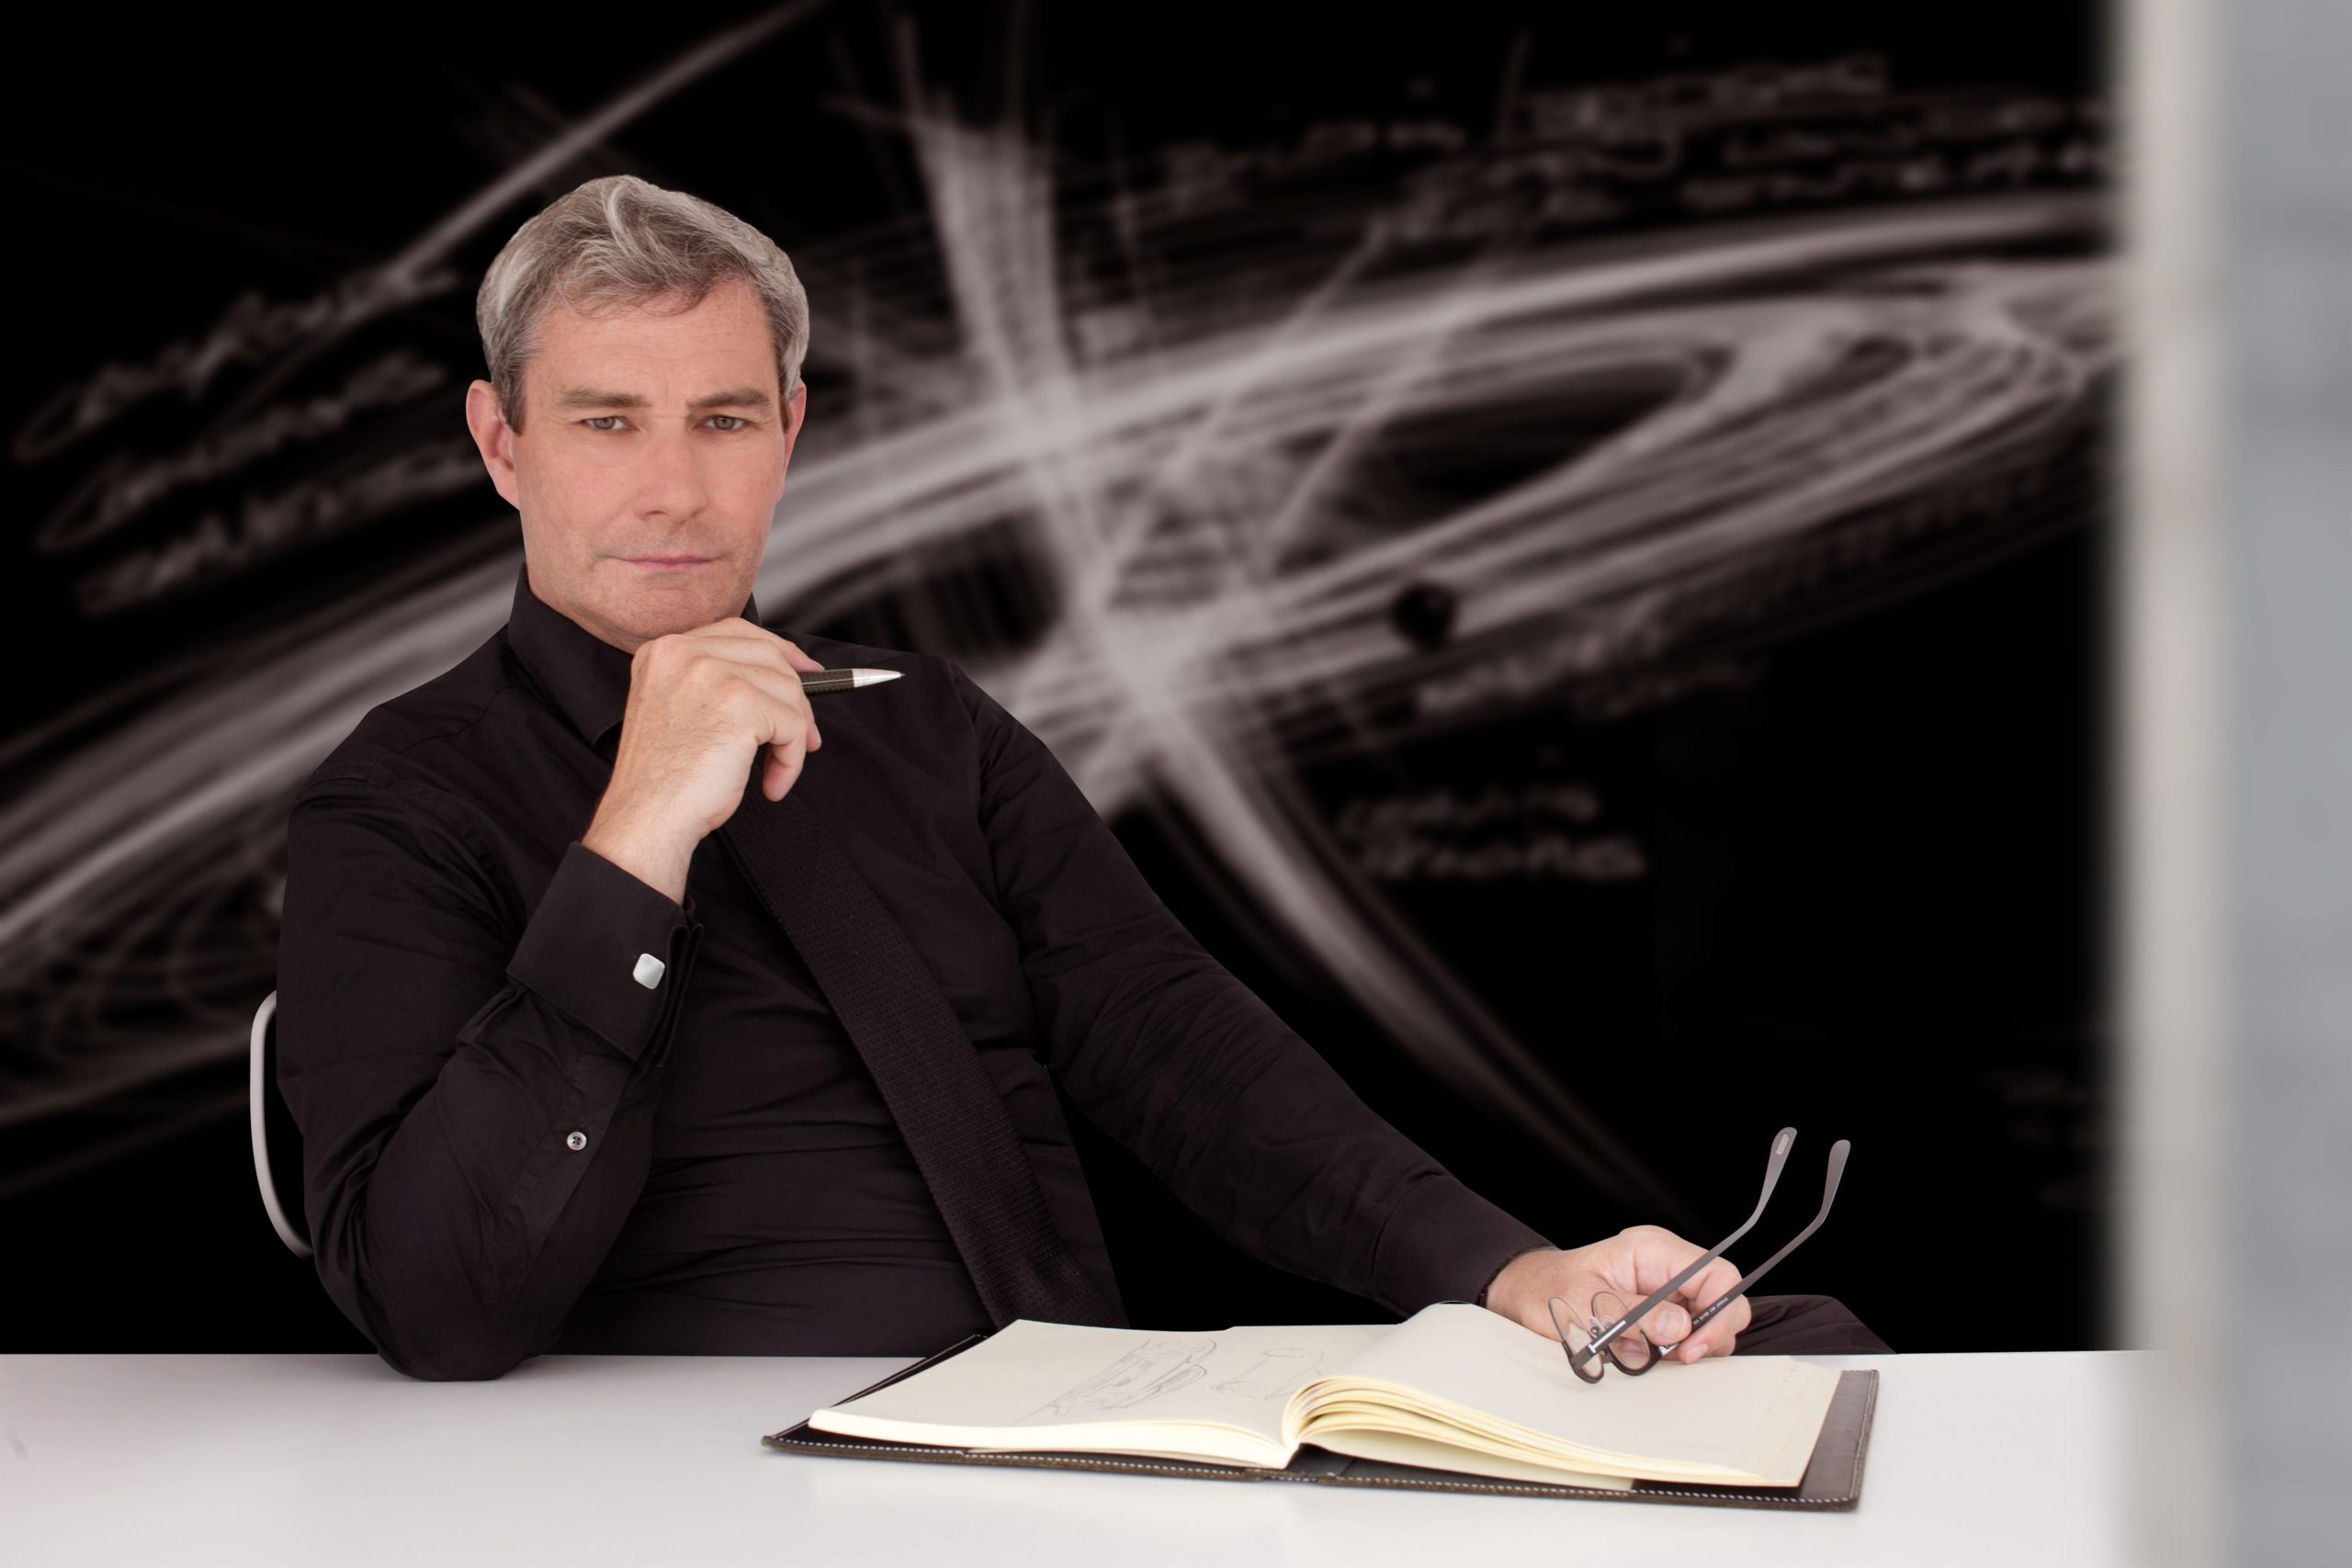 Дизайнер Люк Донкервольке вновь вернулся в Hyundai